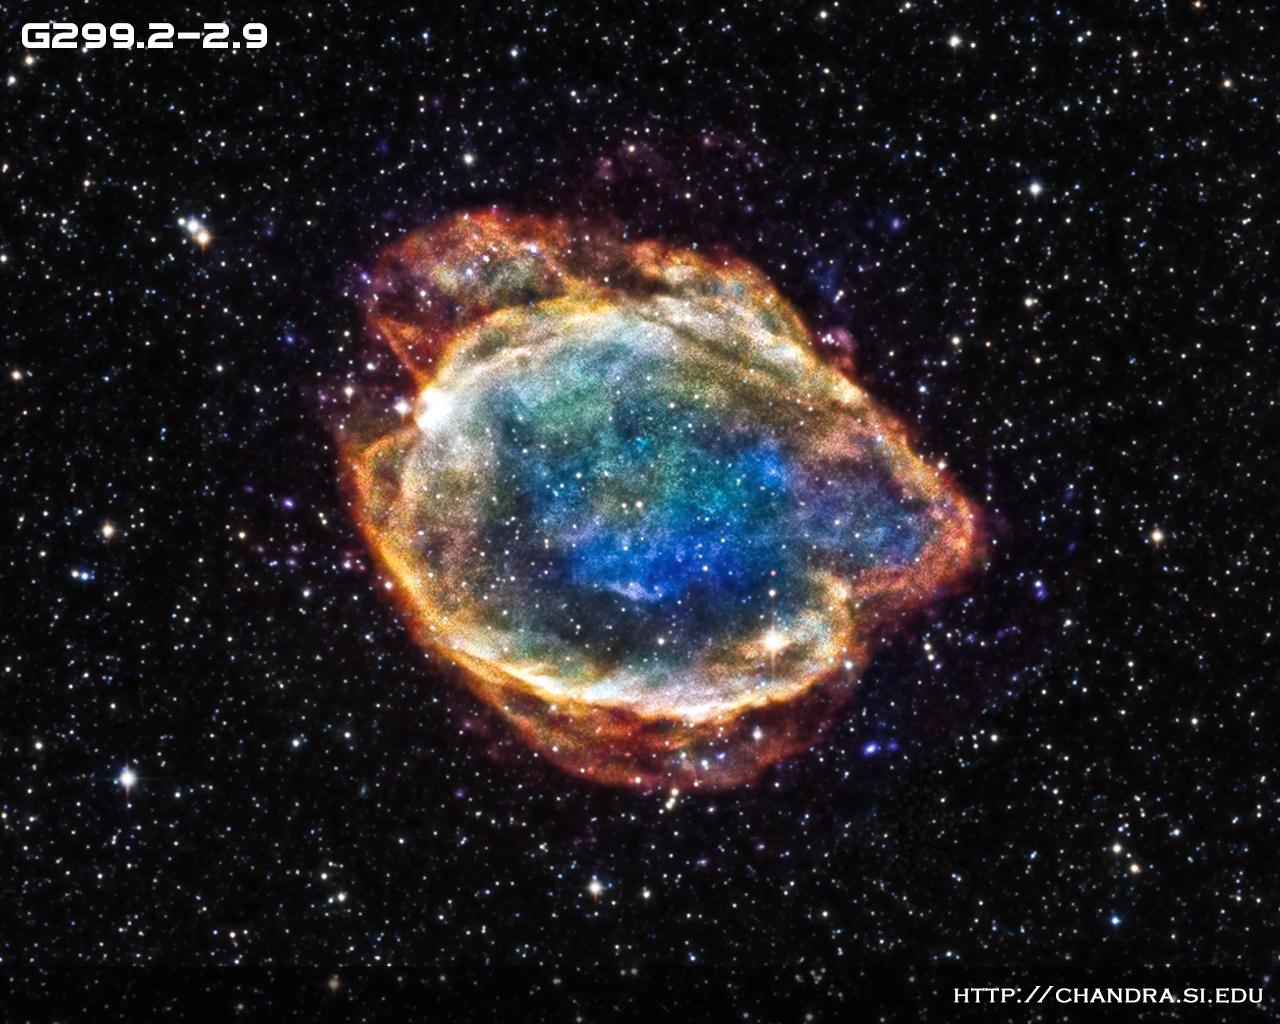 Nasa image of a real supernova called G299 .